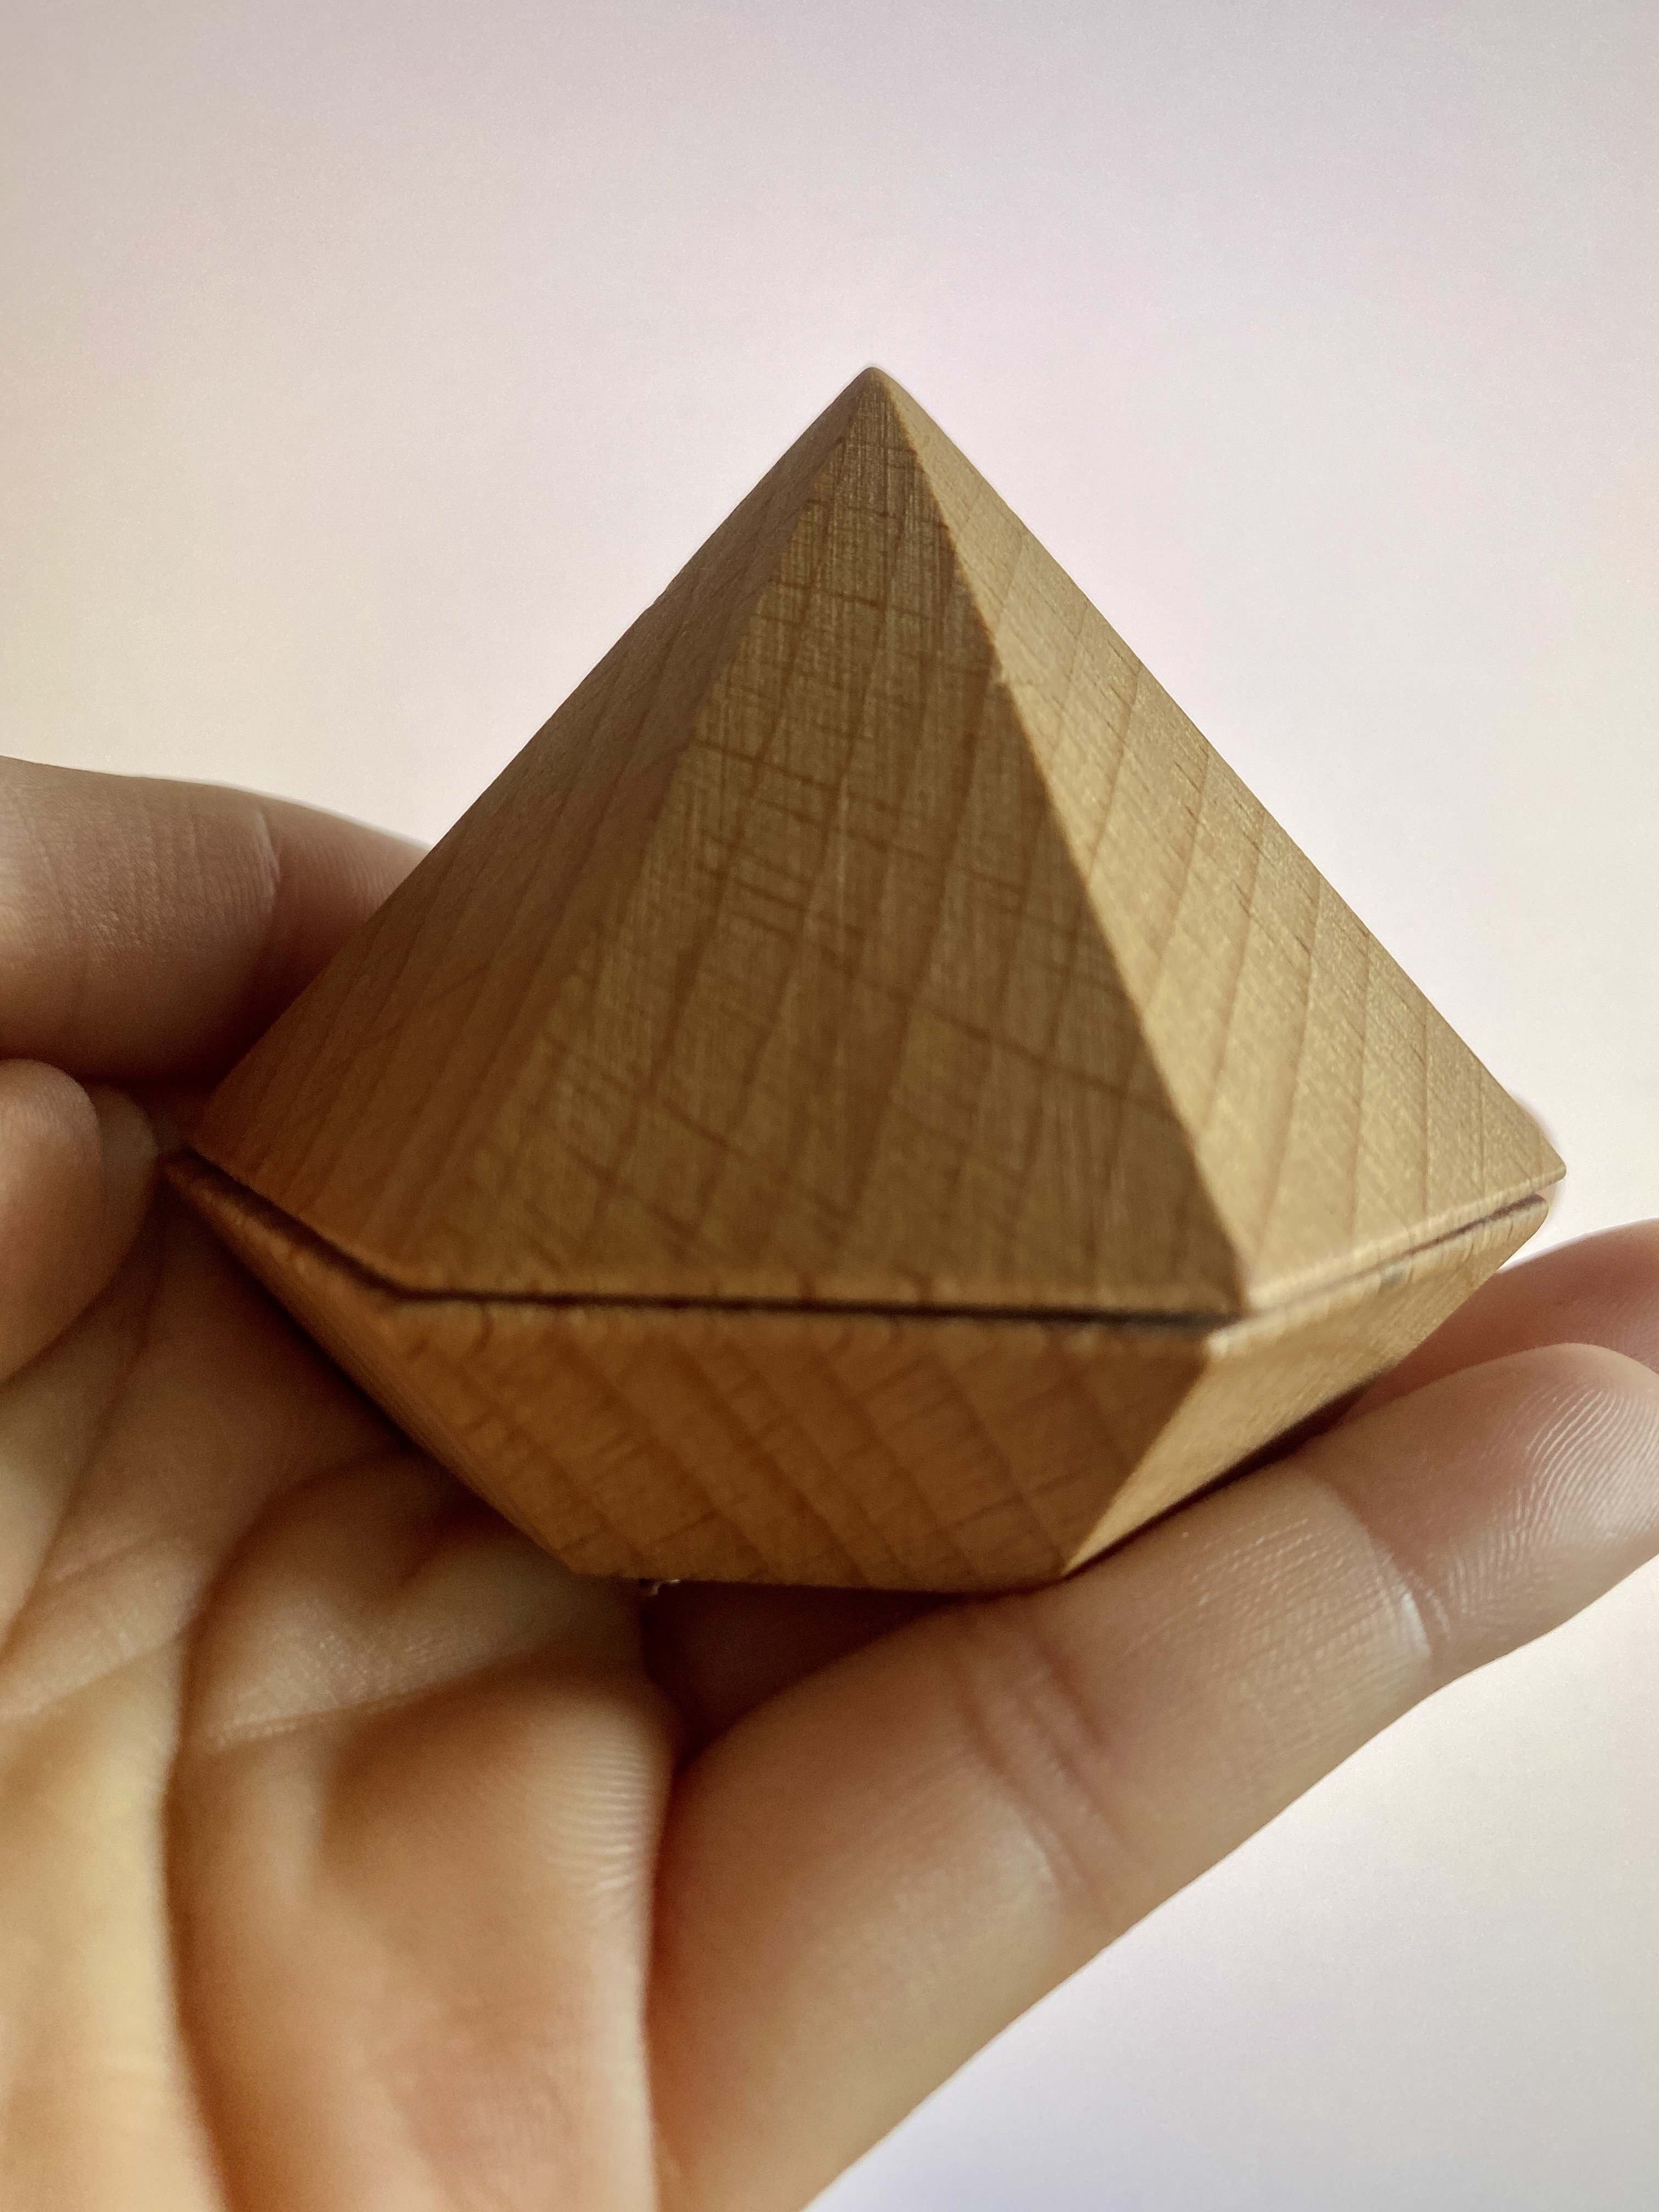 a box shaped like a crystal